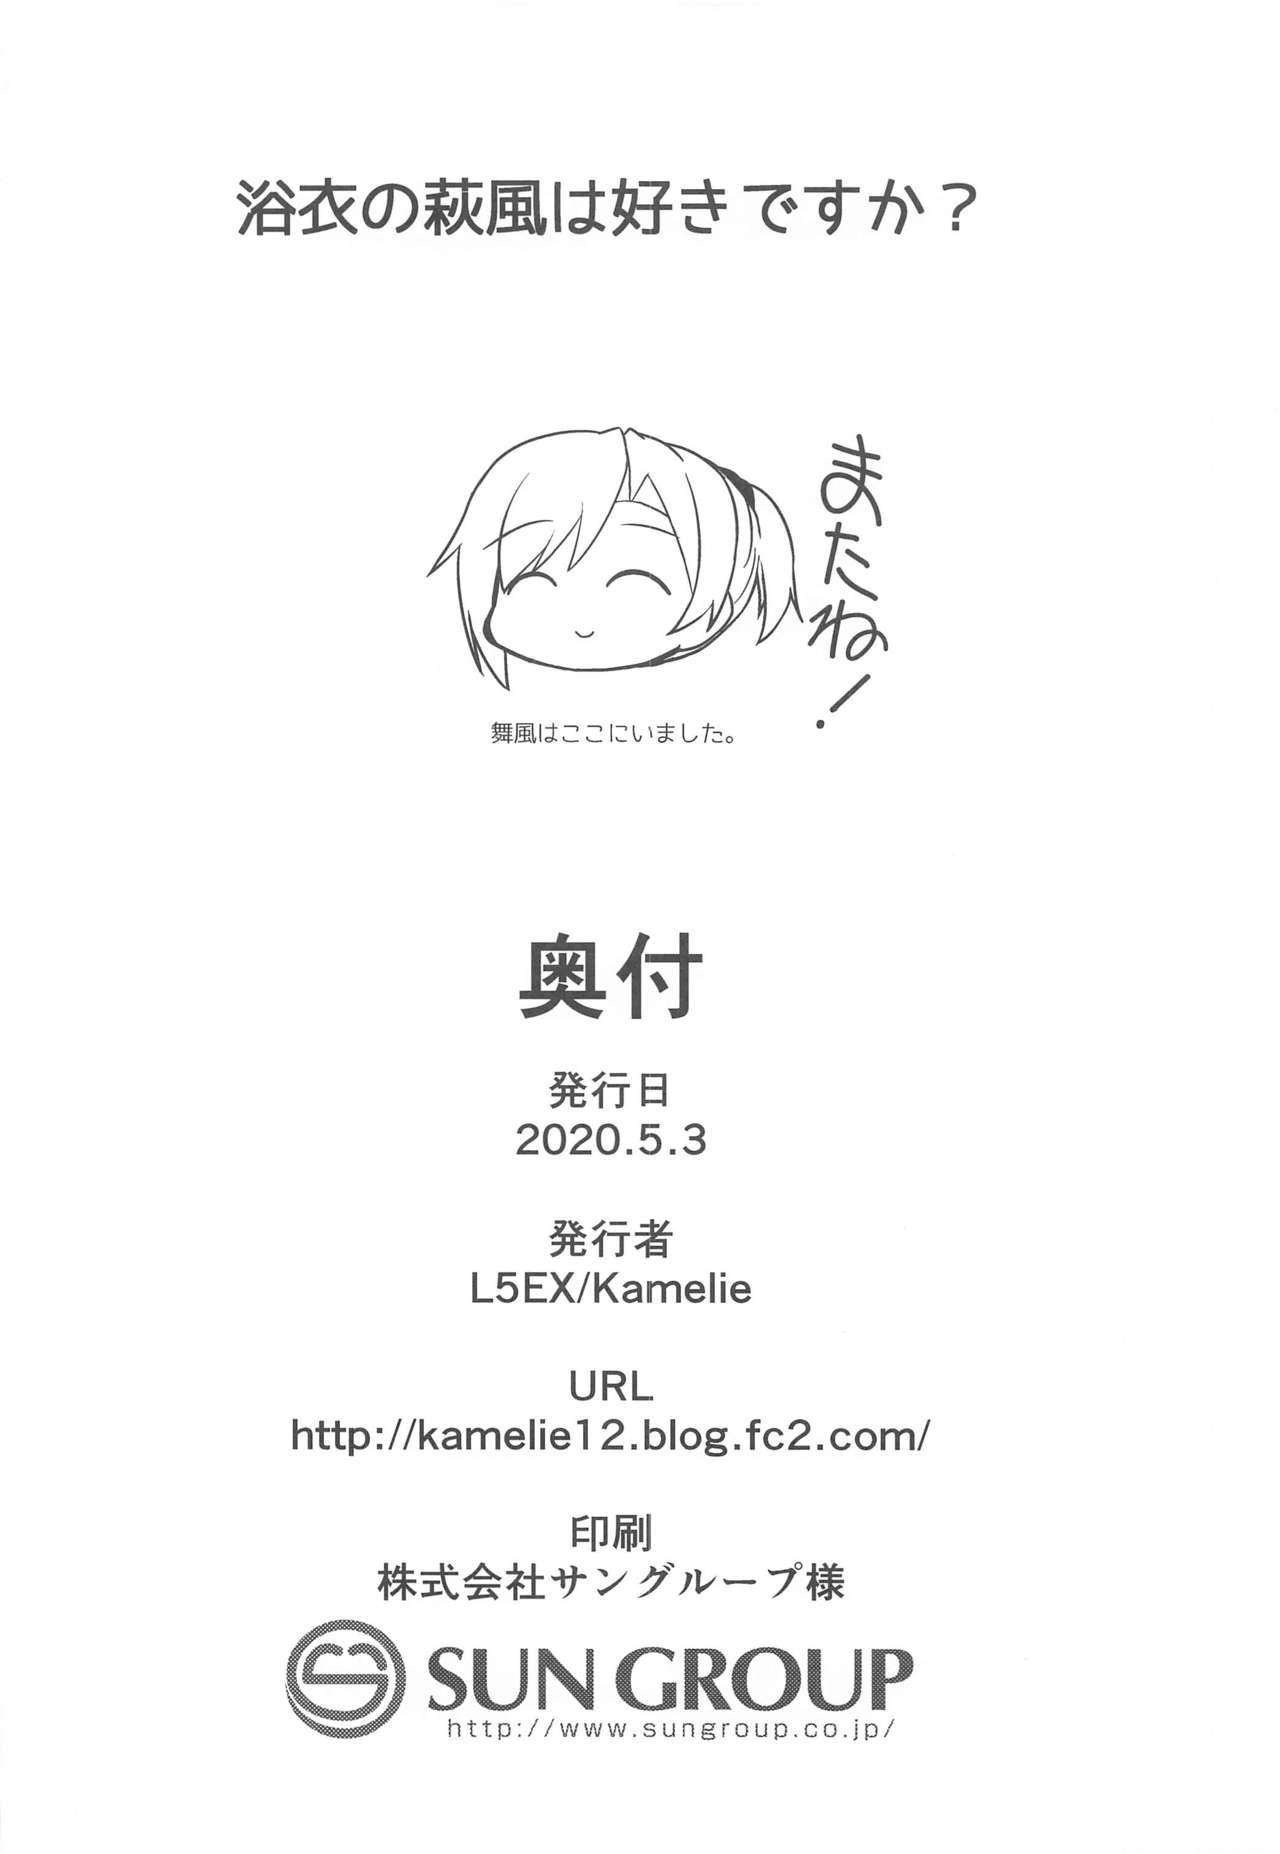 Yukata no Hagikaze wa Suki desu ka? 23